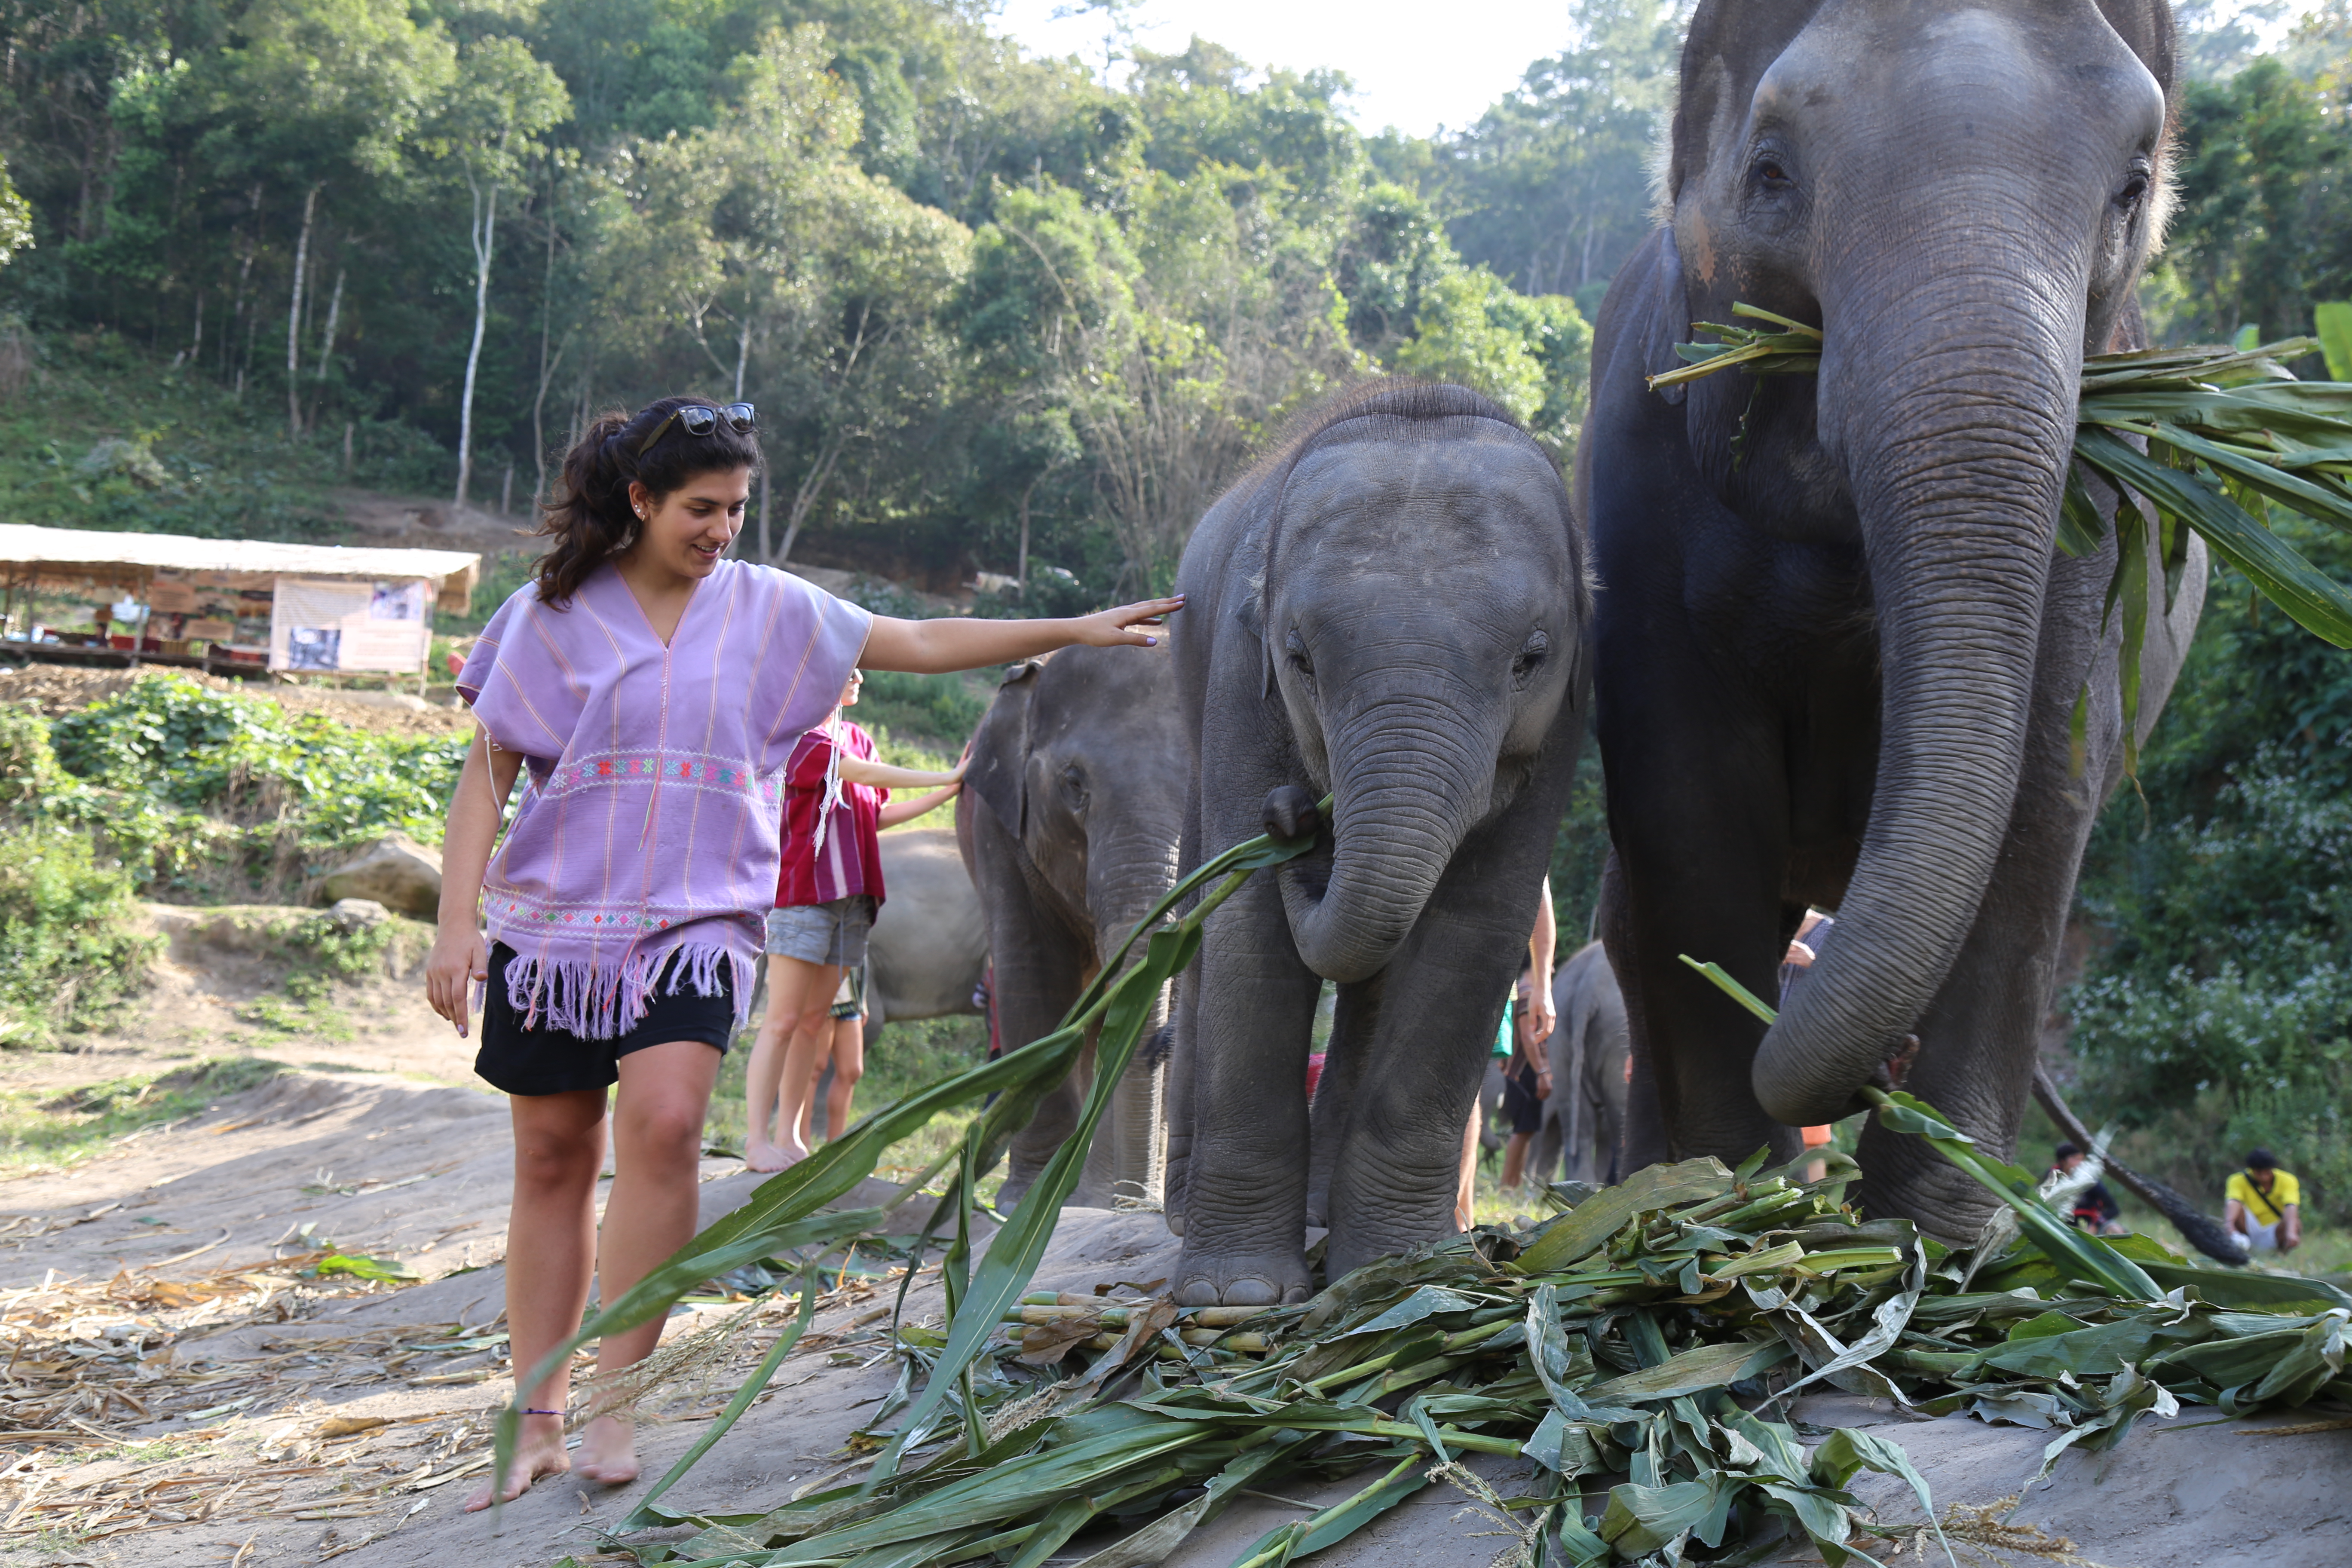 Passei o dia de Natal rodeada por elefantes! (Foto: Nathalia Tavolieri / Viagem em Detalhes)